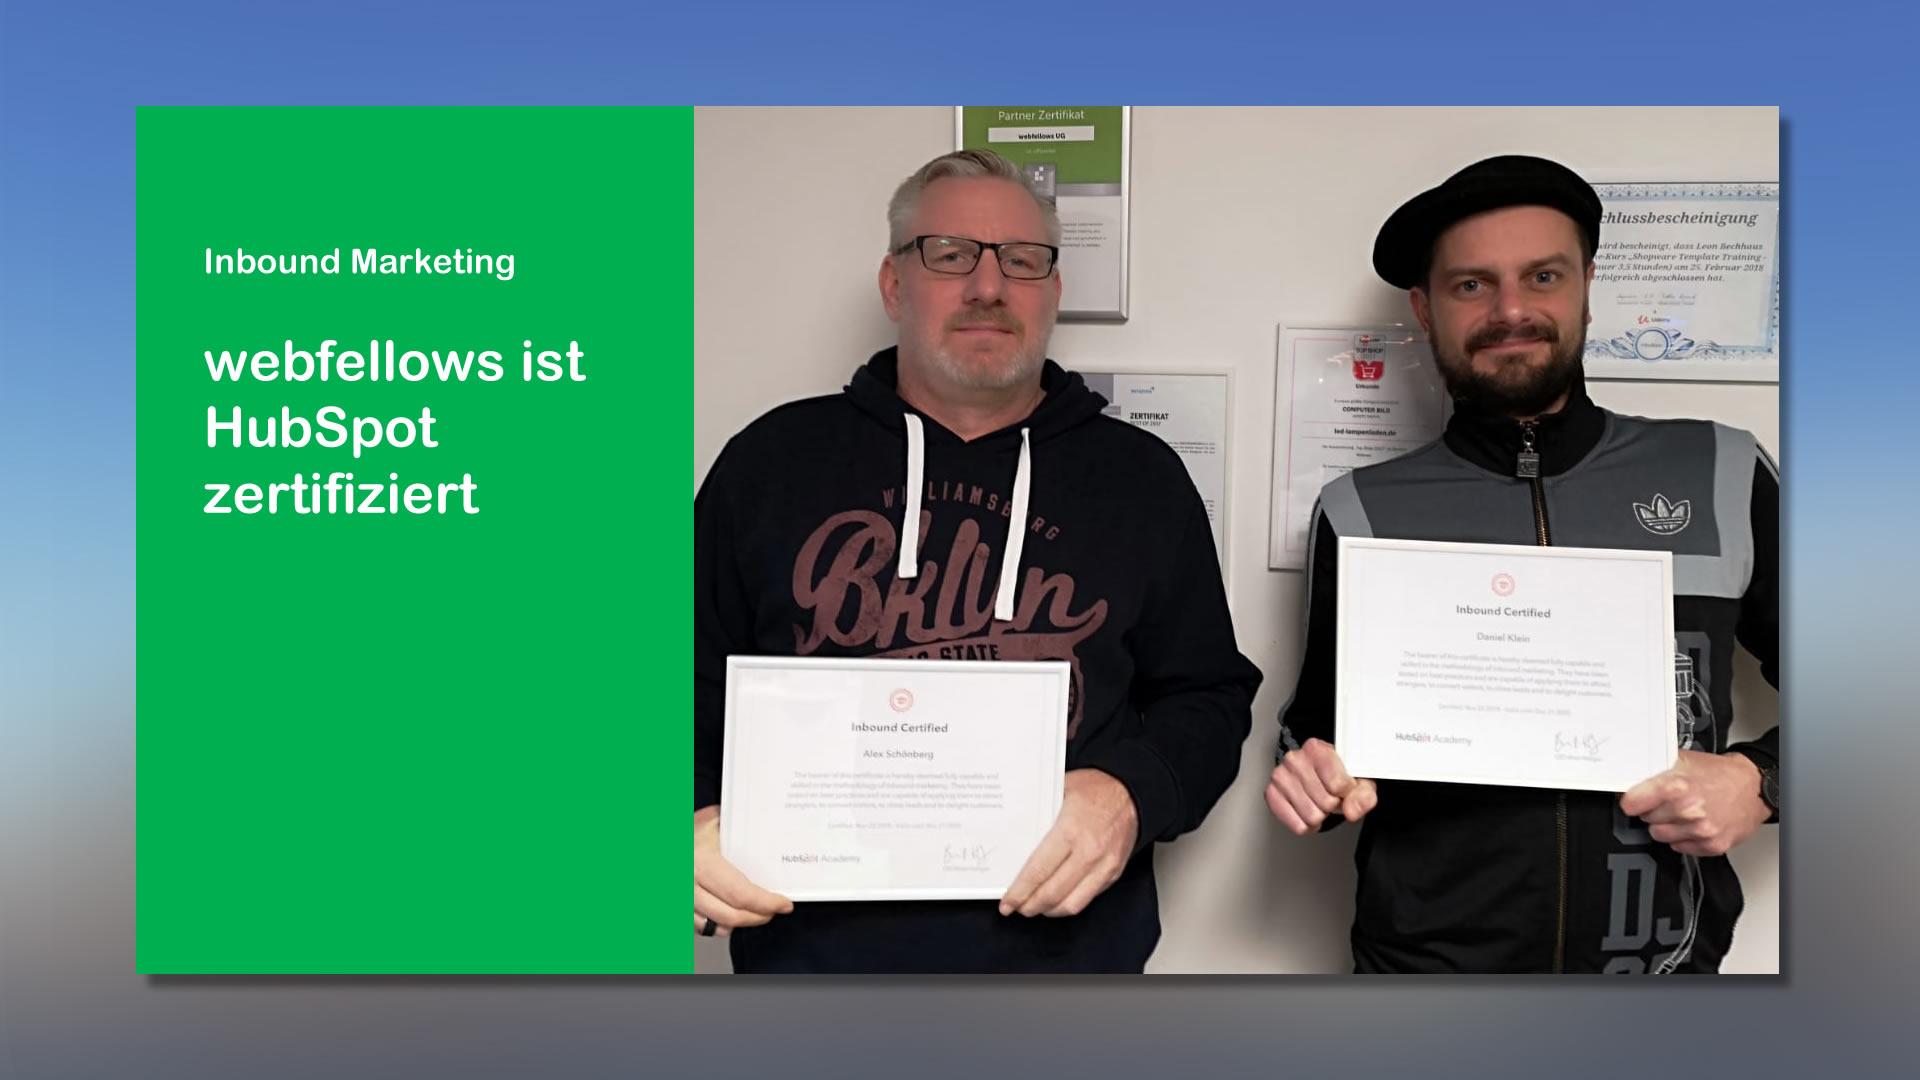 webfellows ist HubSpot Inbound Marketing zertifiziert